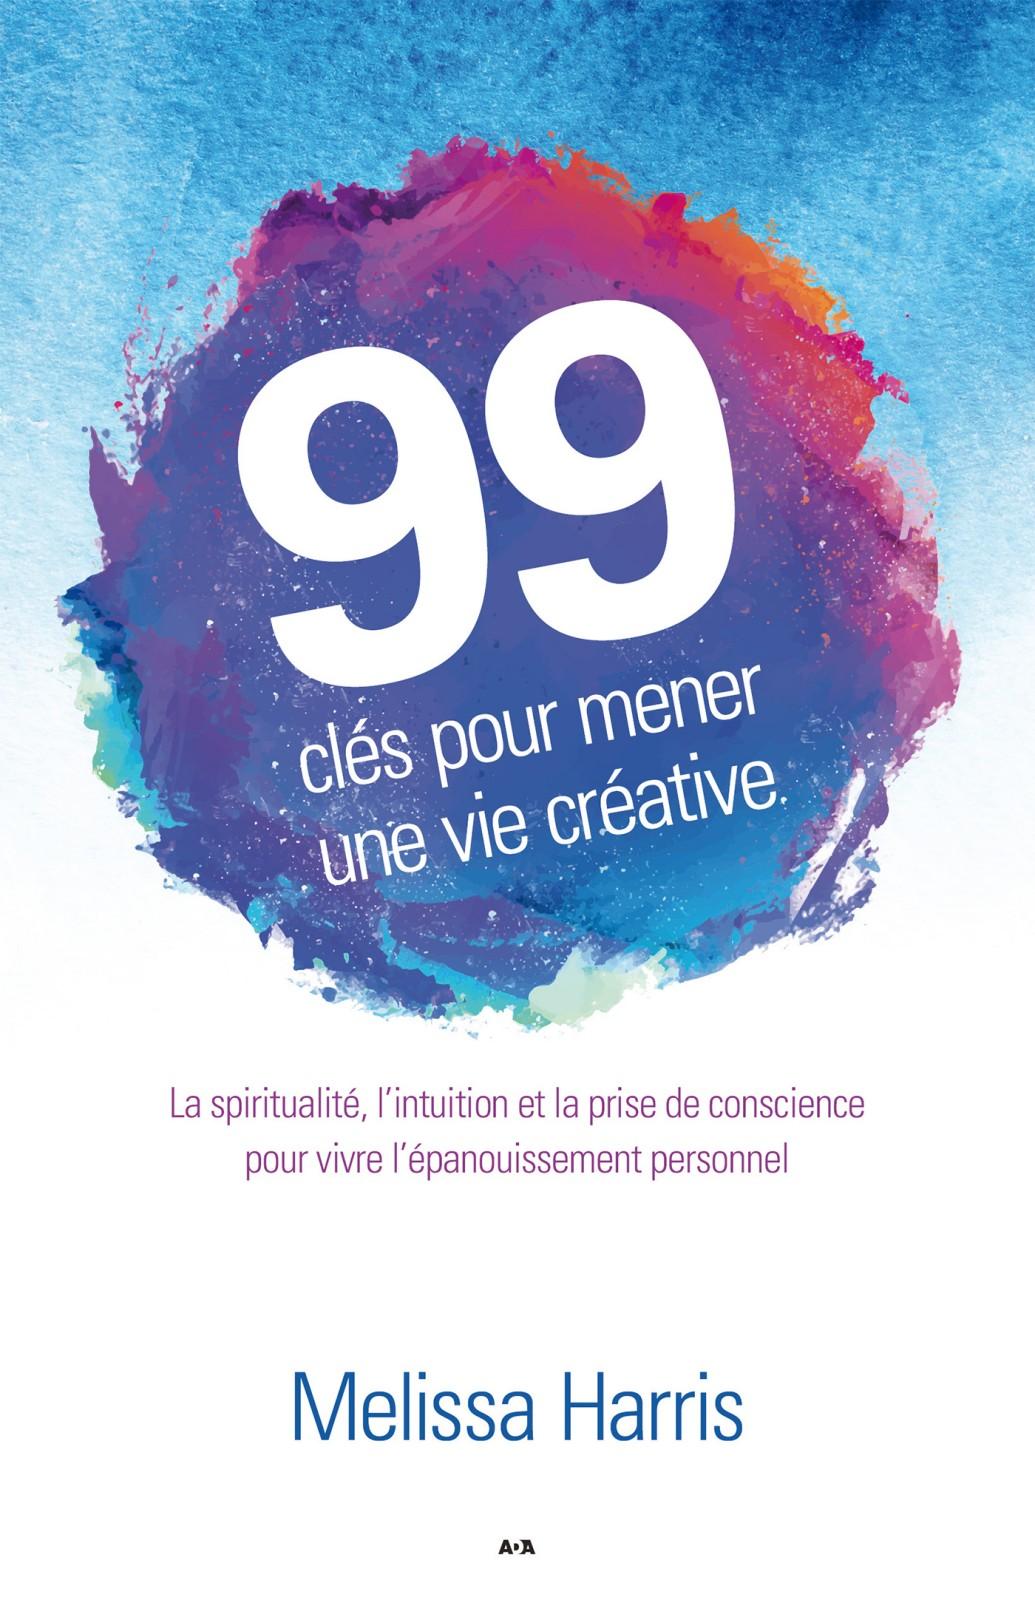 99 clés pour mener une vie créative, La spiritualité, l'intuition et la prise de conscience au service de l'épanouissement personnel